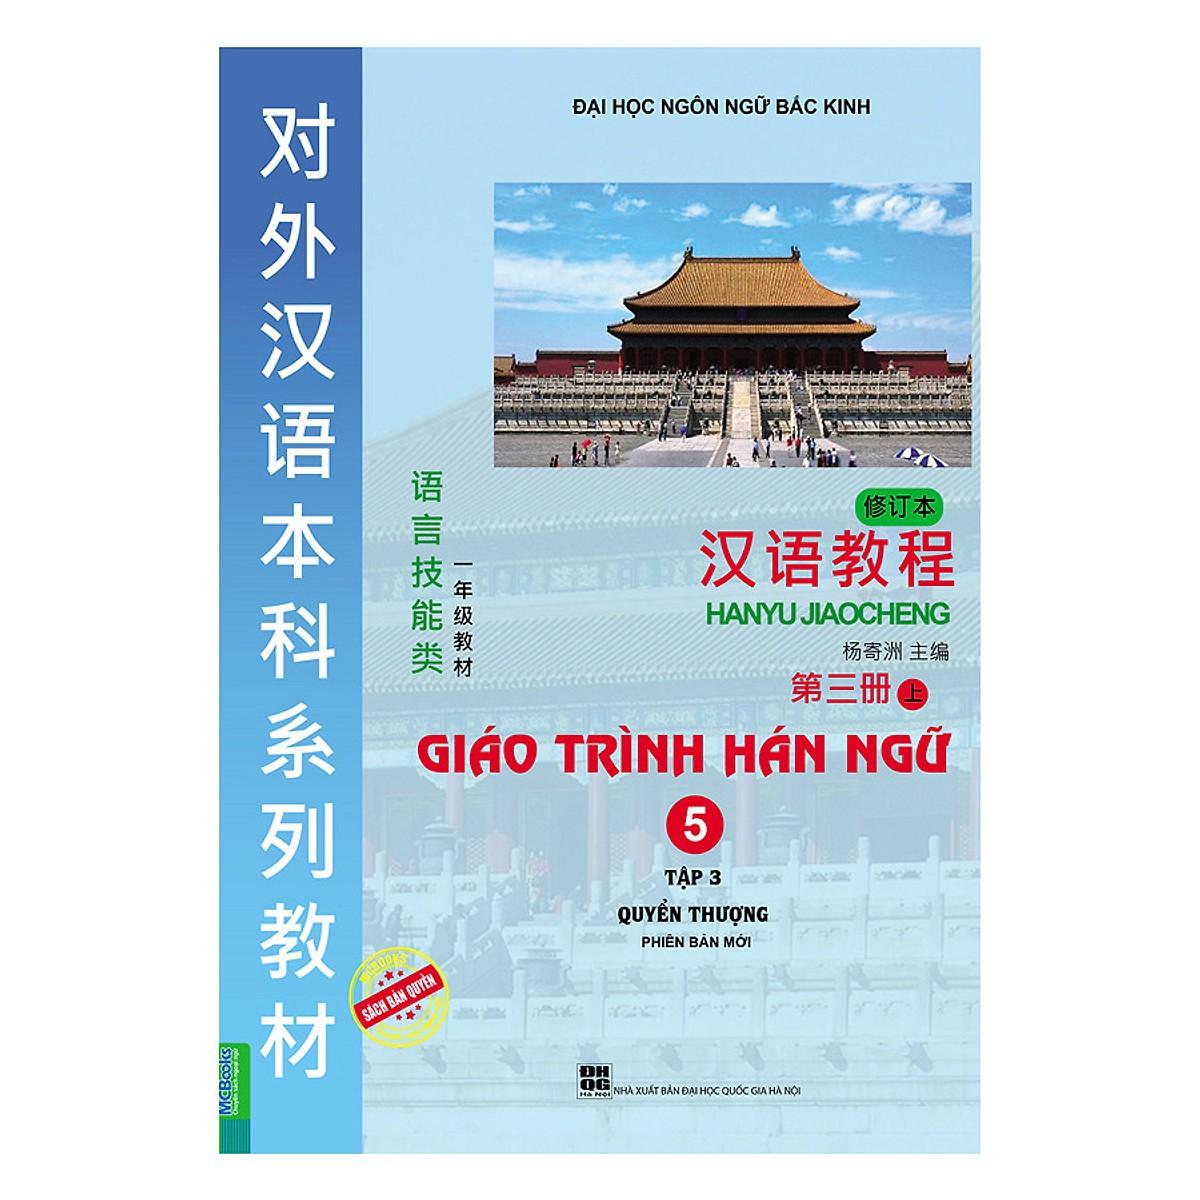 Combo Trọn Bộ 6 Cuốn Giáo Trình Hán Ngữ (Tặng kèm Bookmark PL)